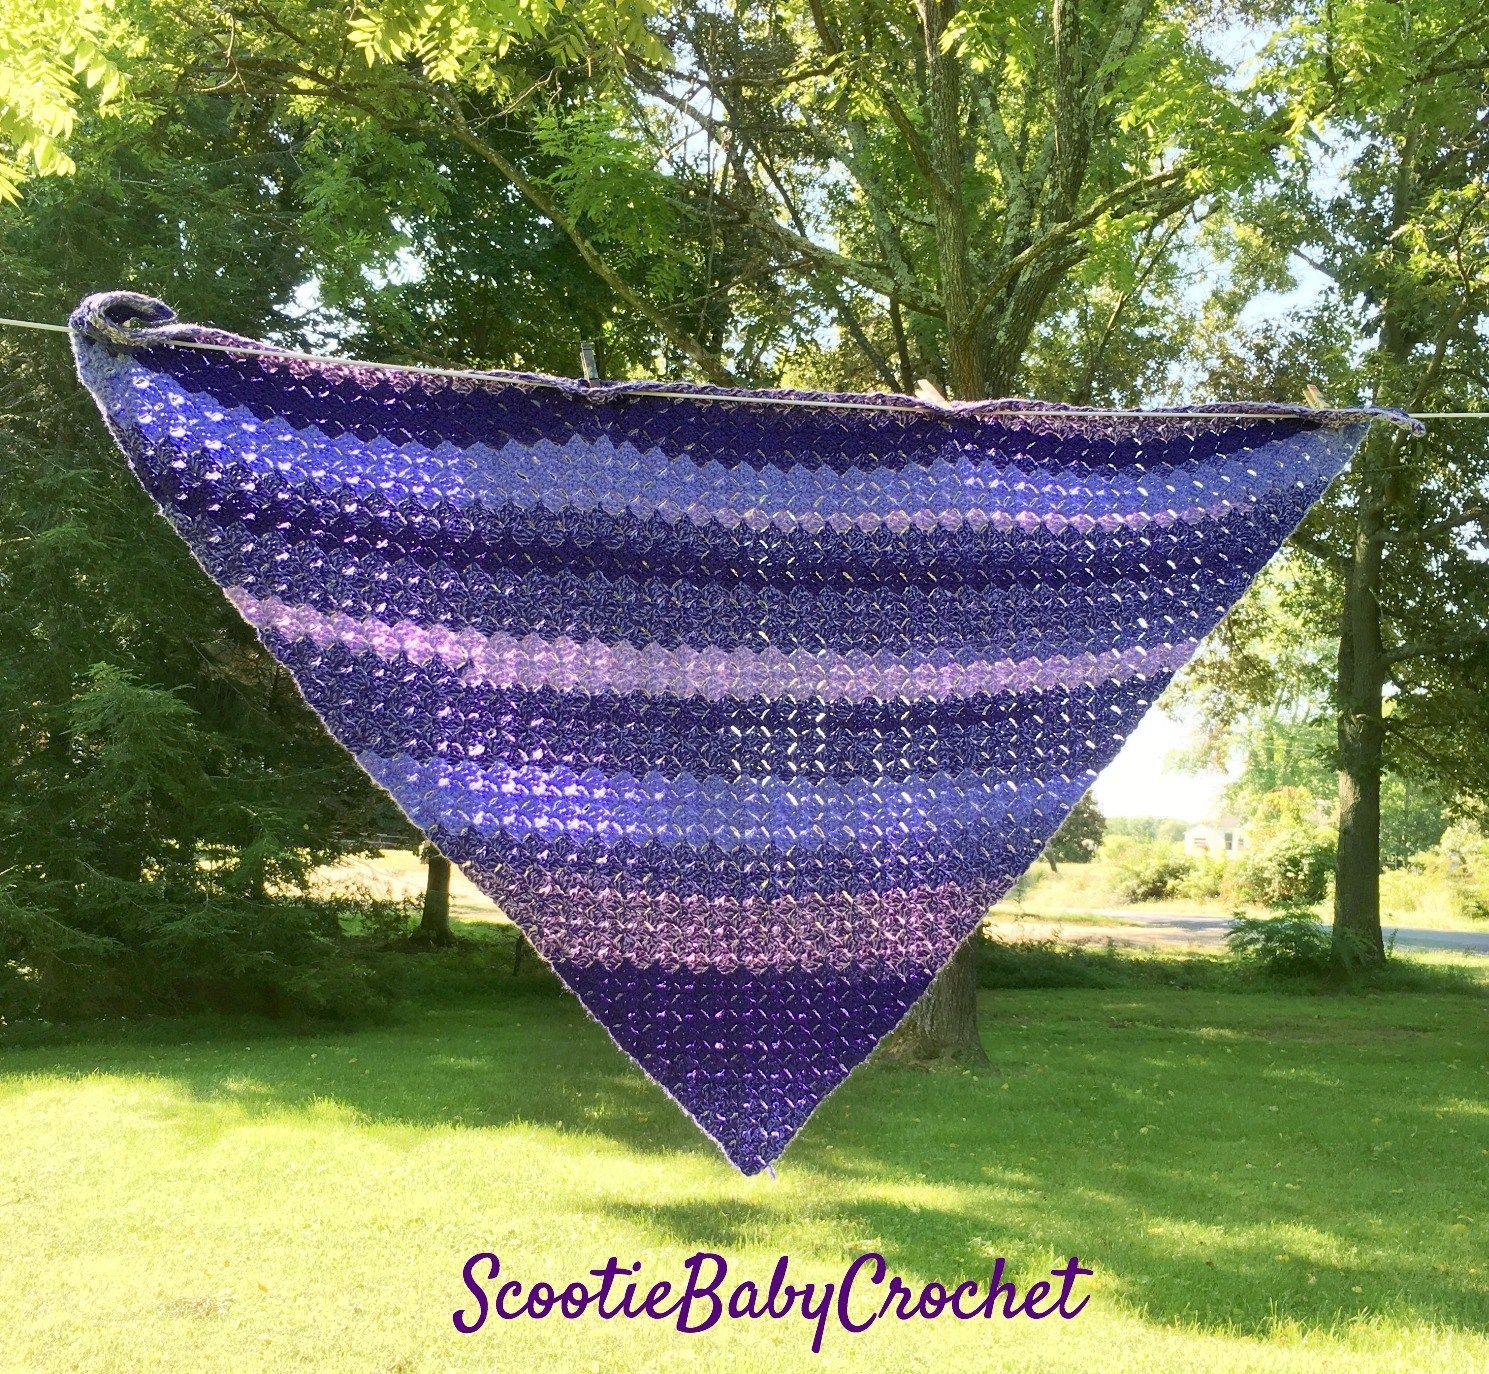 Wwwscootiebabycrochetcom Crocheting Pinterest